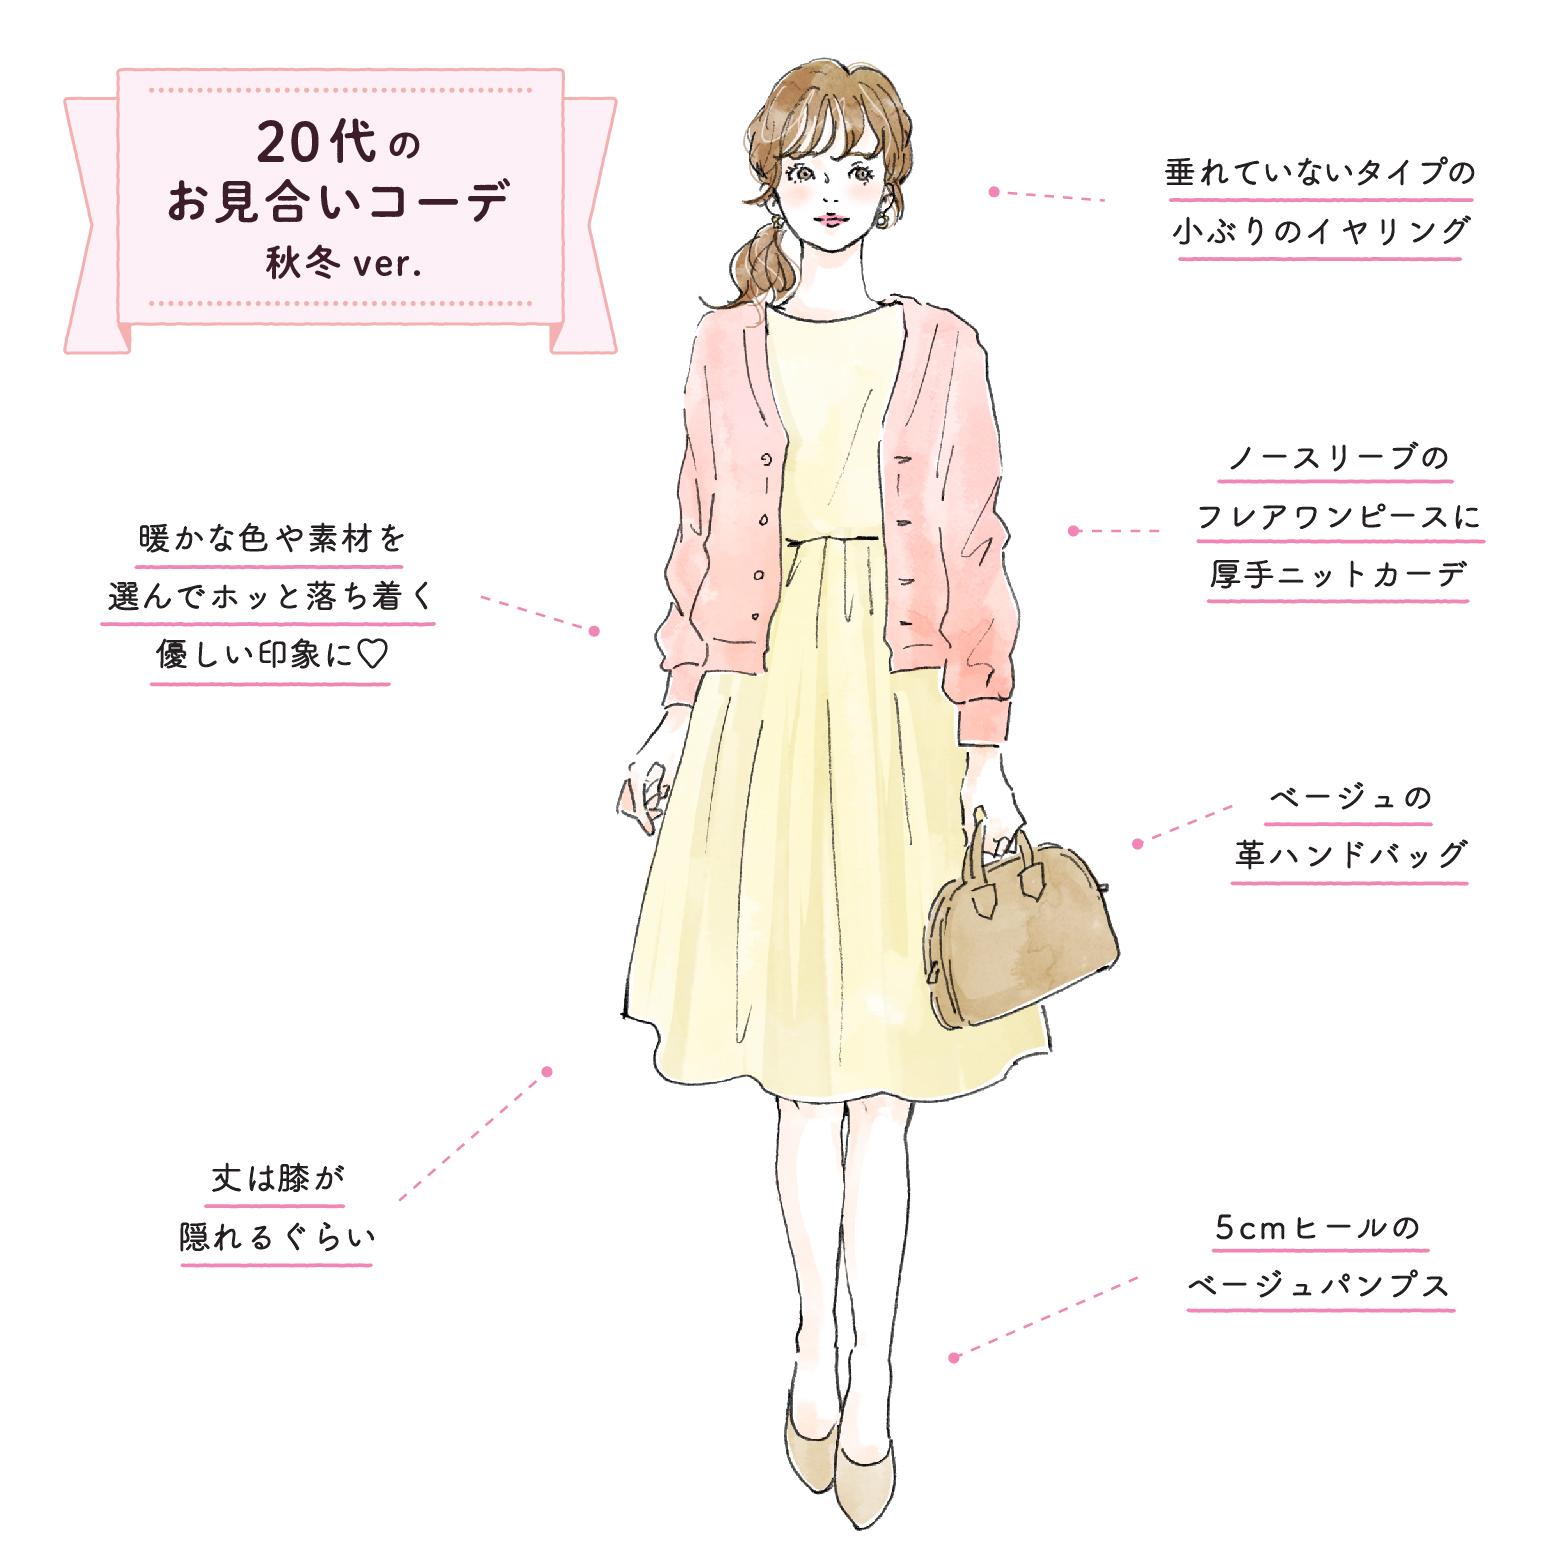 20代女性のお見合いの服装【秋冬】